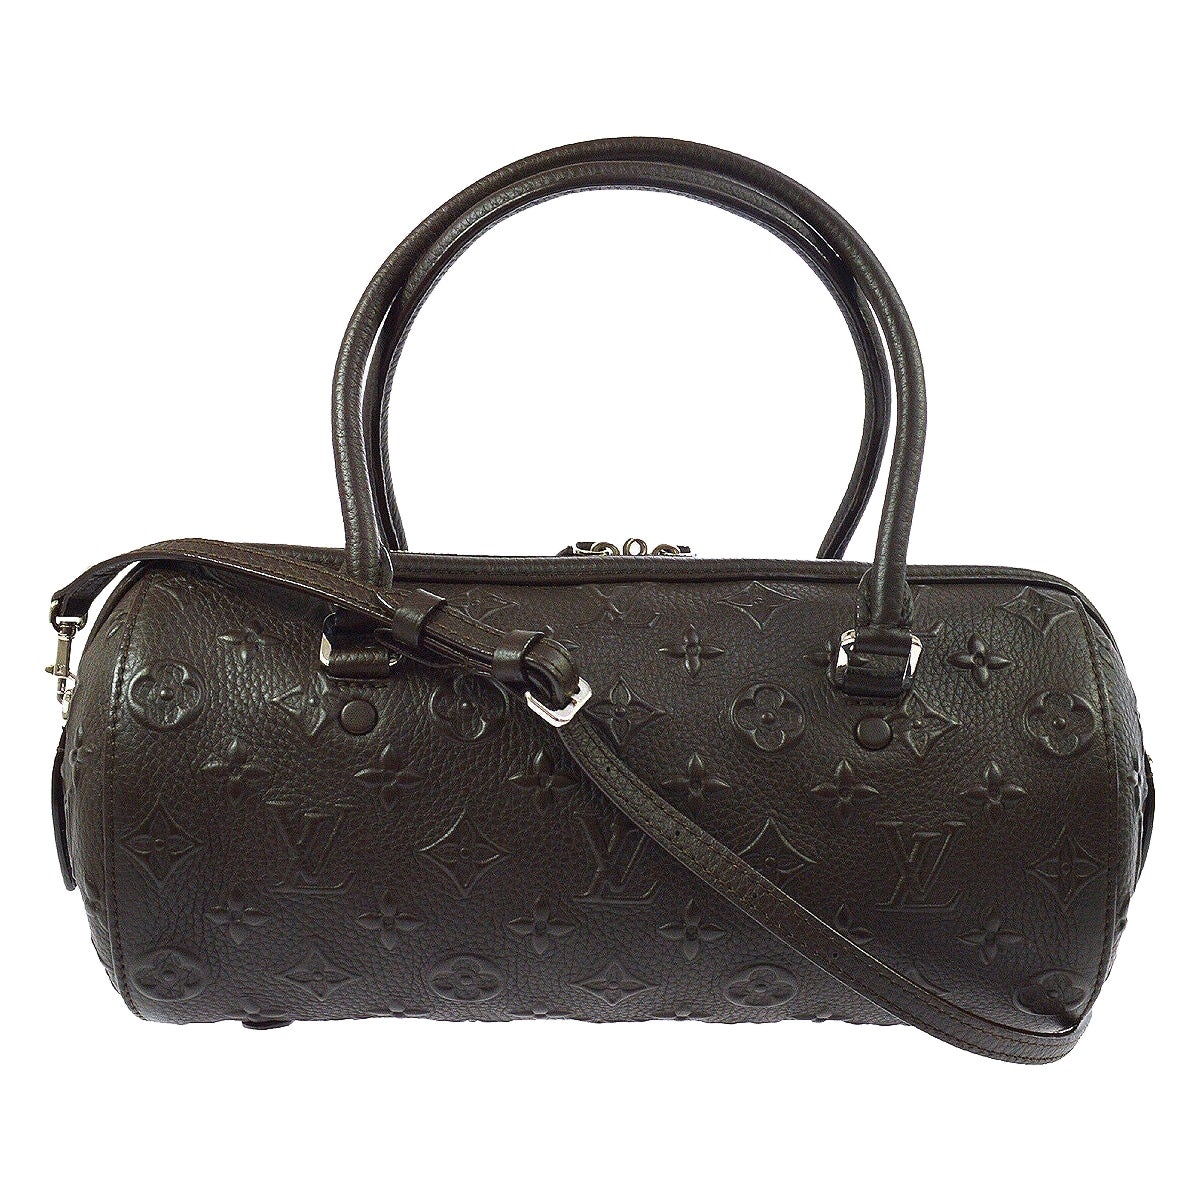 Louis Vuitton Monogram Choc Brown Leather Top Handle Satchel Shoulder Bag